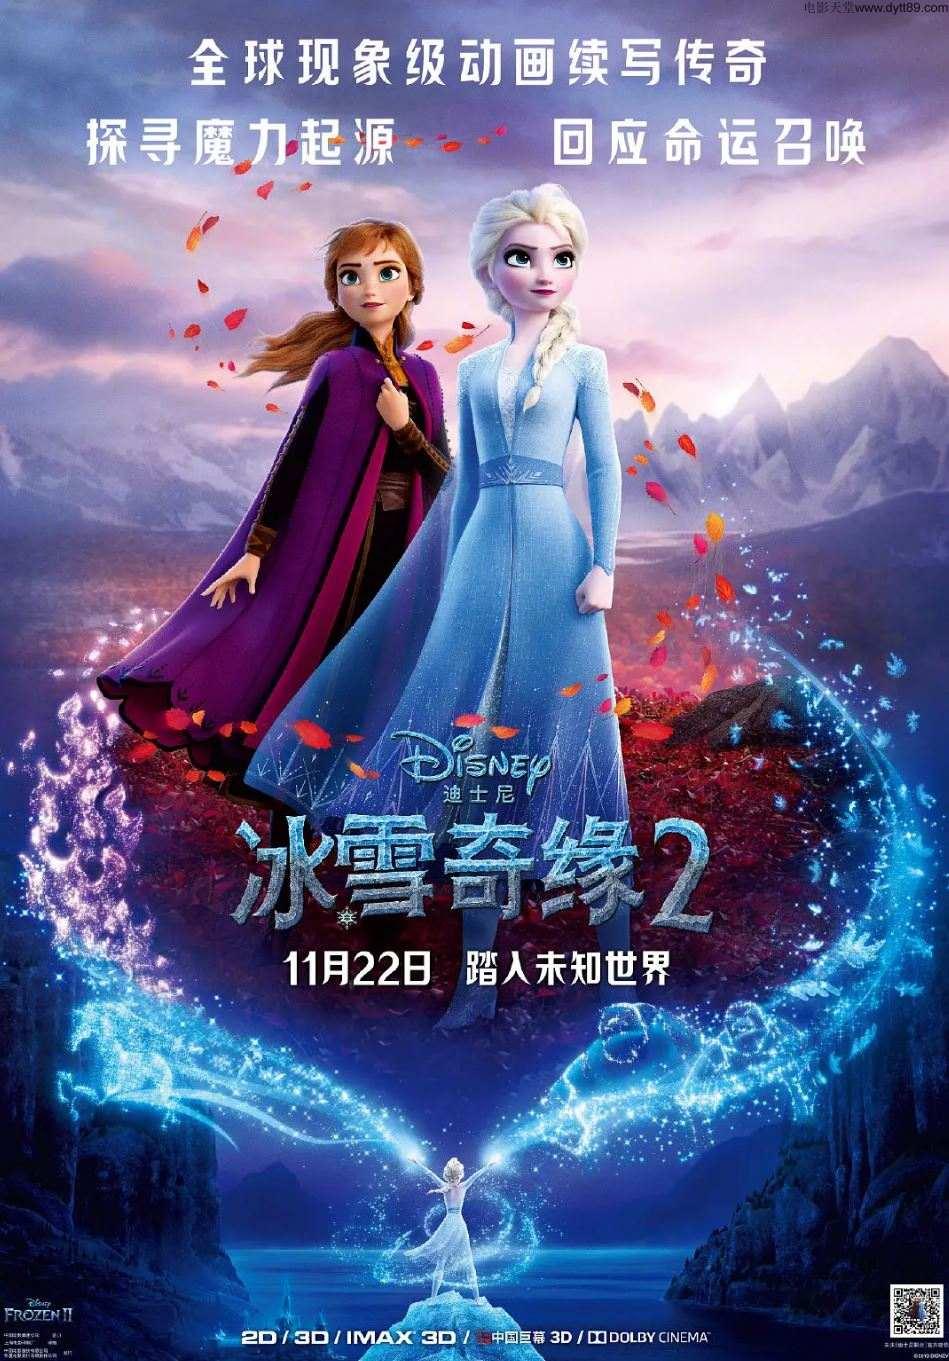 2019年美国7.2分喜剧动画片《冰雪奇缘2》BD中英双字迅雷下载